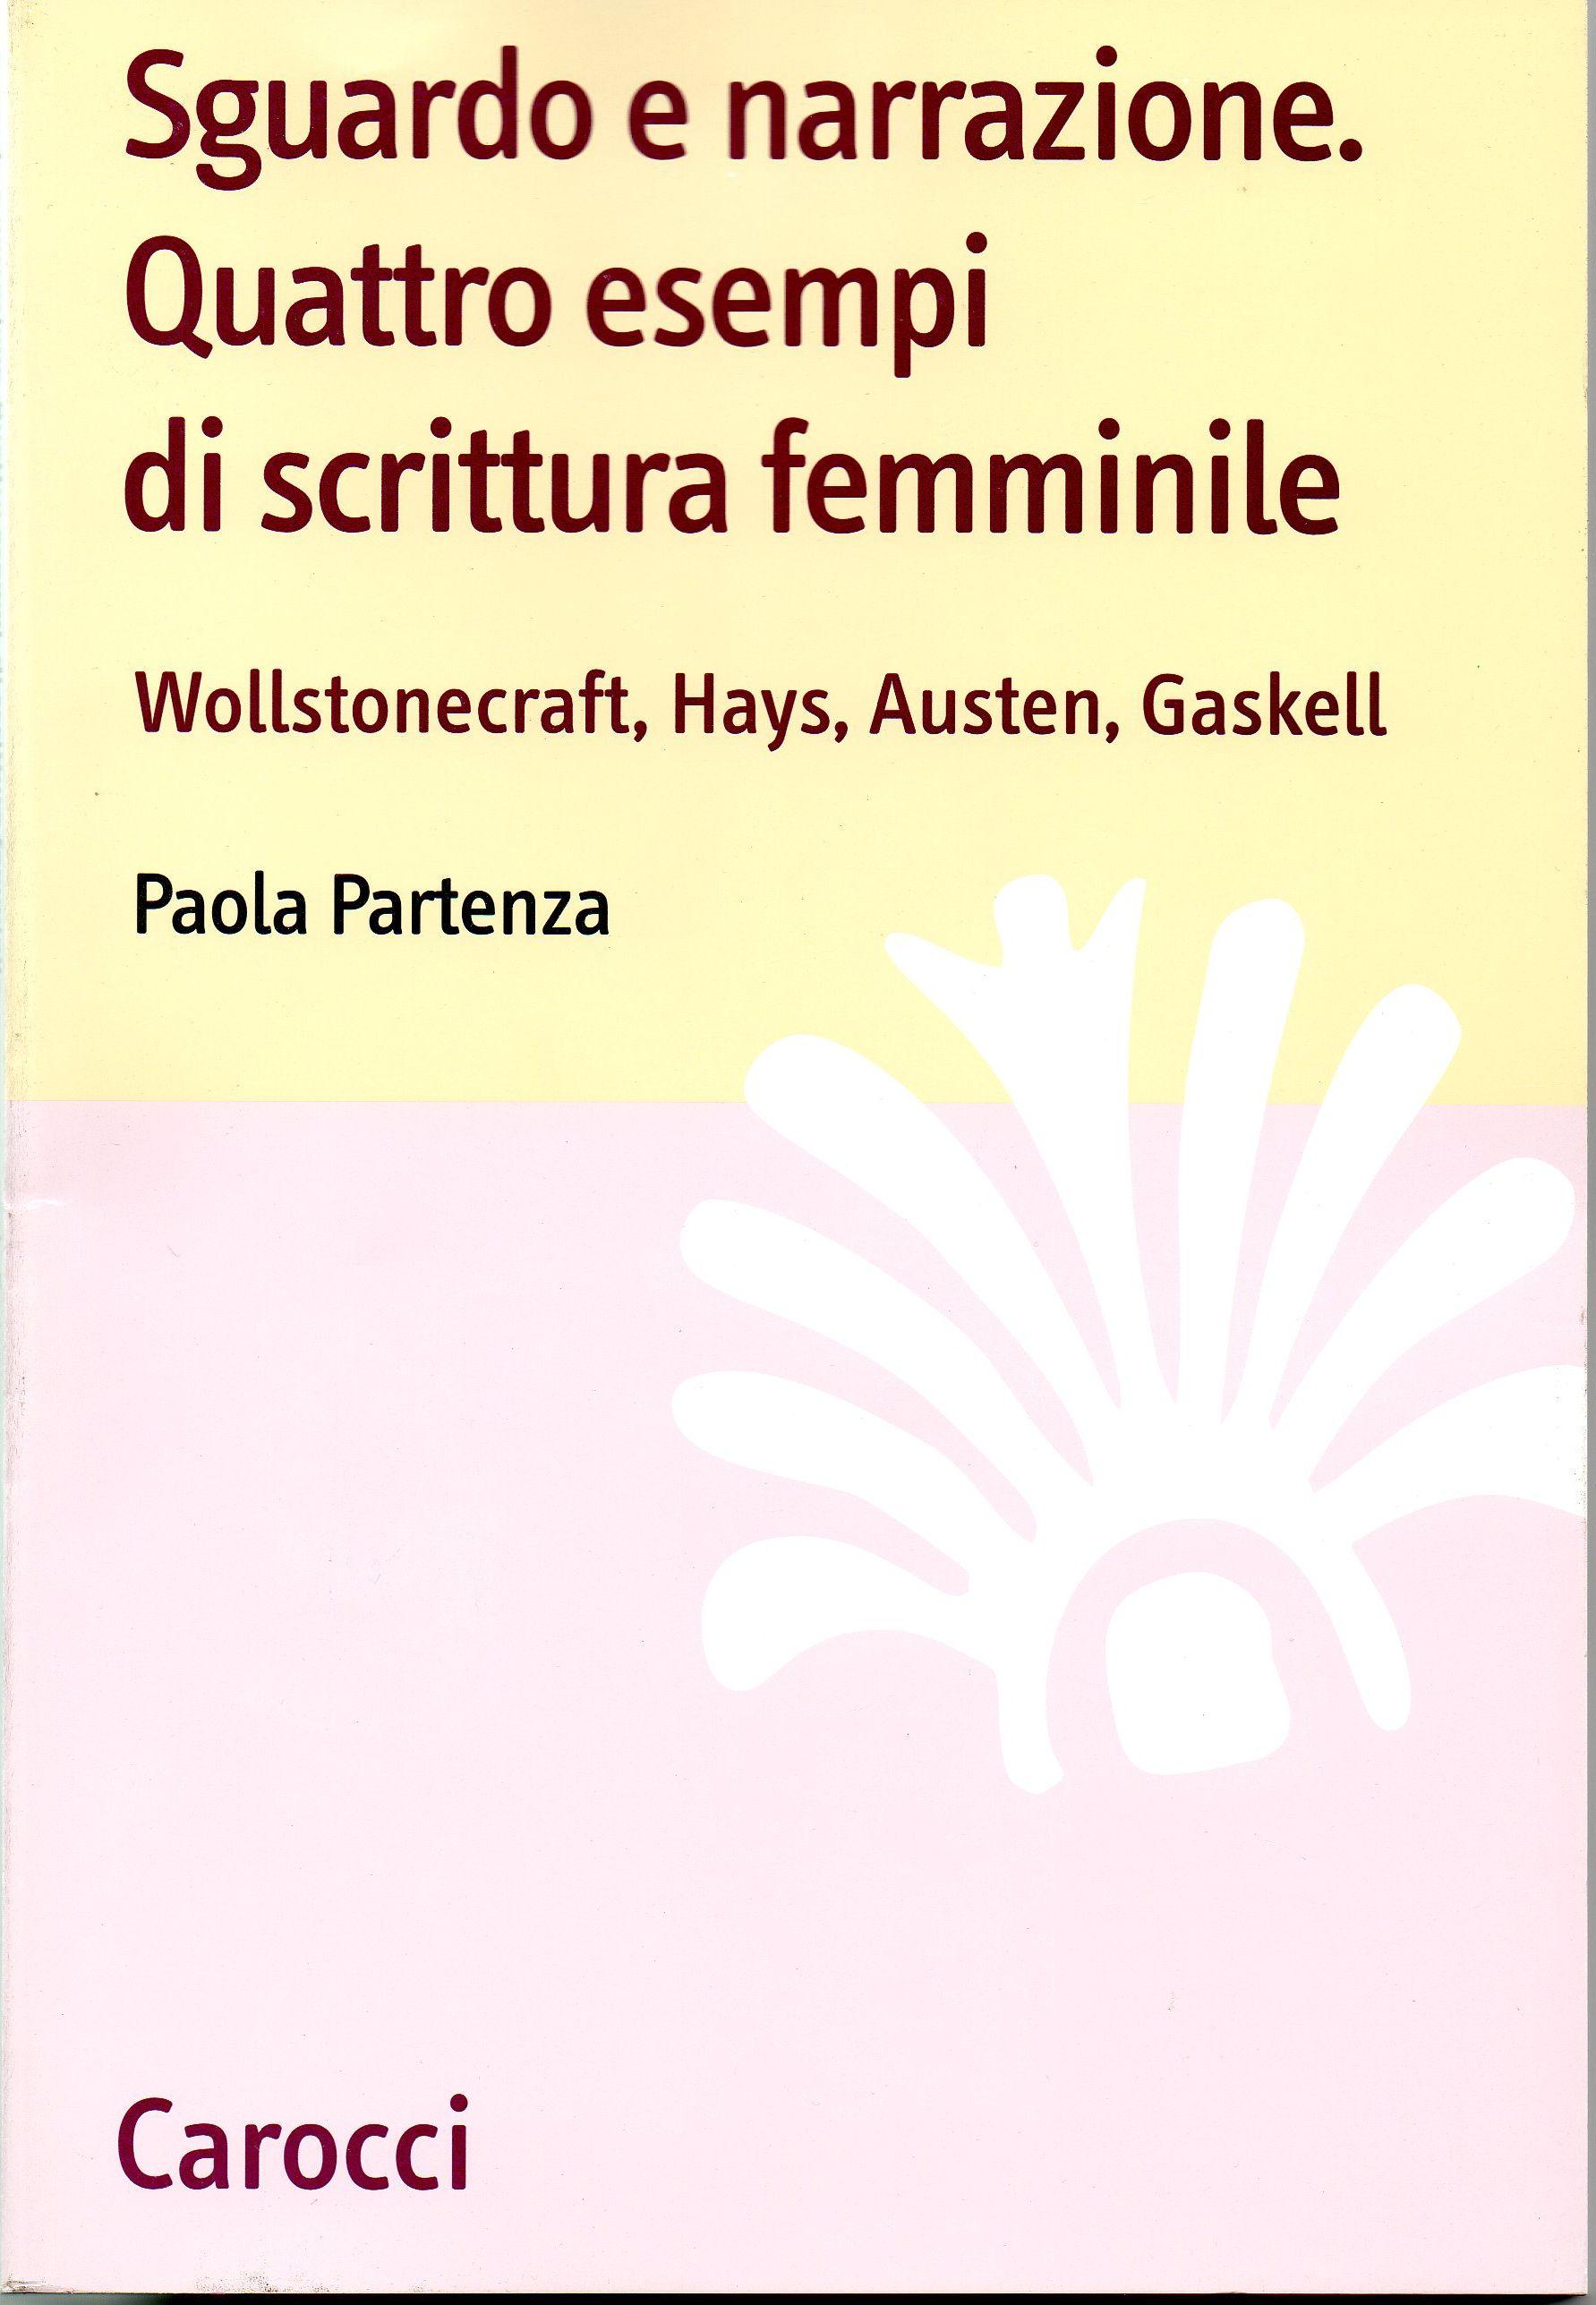 Sguardo e narrazione. Quattro esempi di scrittura femminile